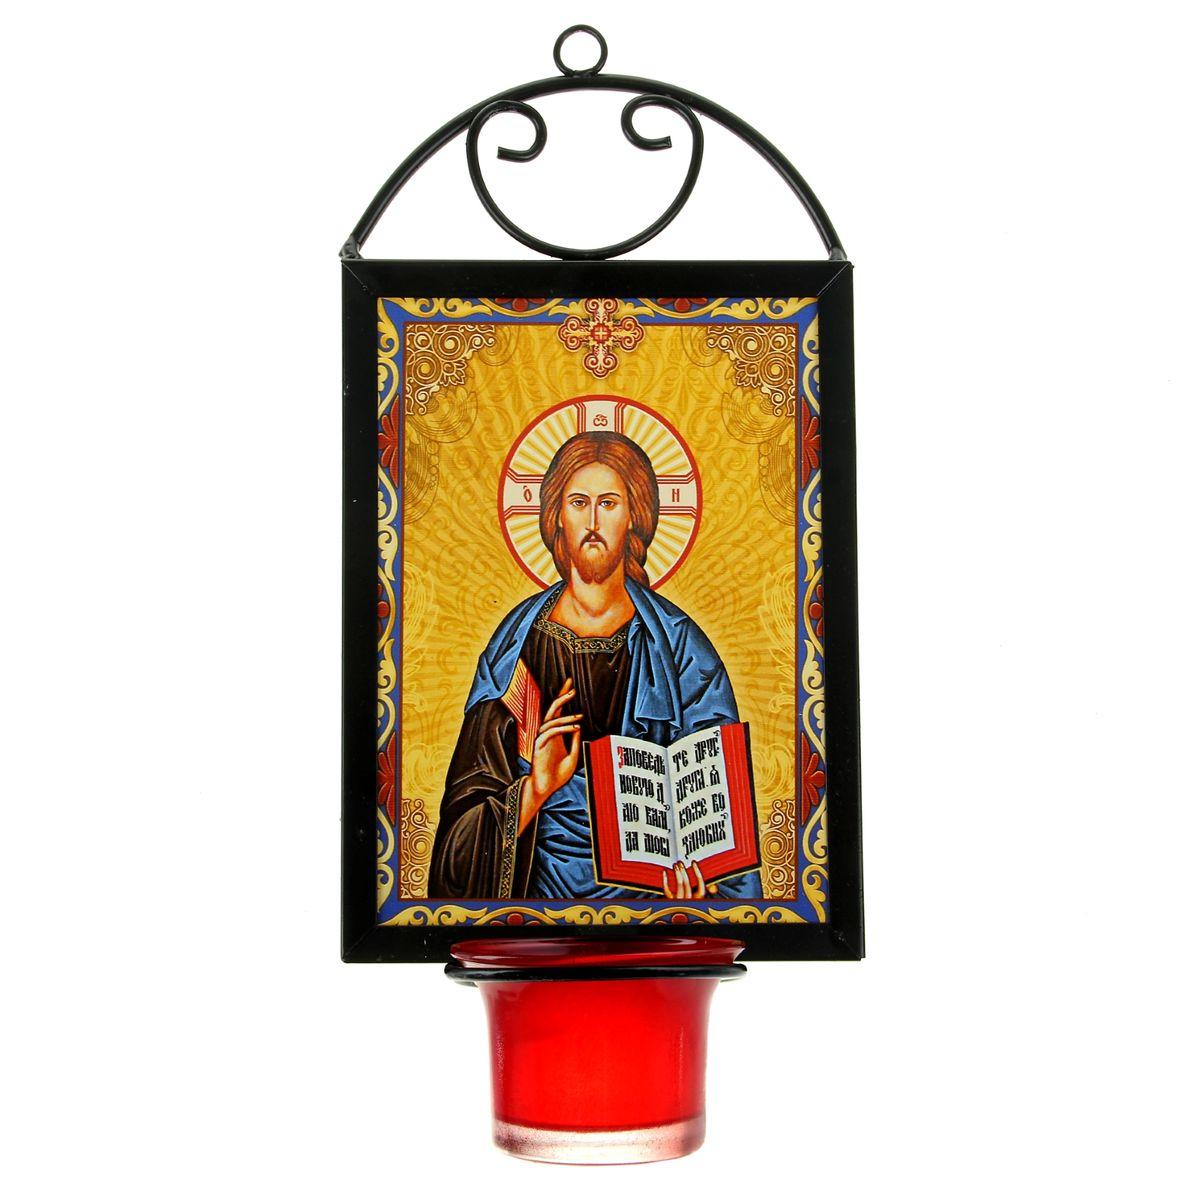 Икона Господь Вседержитель, с лампадой, 12 х 22 см190257Икона Господь Вседержитель выполнена из керамики в металлической рамке. Внизу рамки имеется отверстие для лампады, входящей в комплект. Изделие имеет петельку, благодаря которой икону удобно вешать на стену. Изображенный образ полностью соответствует канонам Русской Православной Церкви. Такая икона будет прекрасным подарком с духовной составляющей.